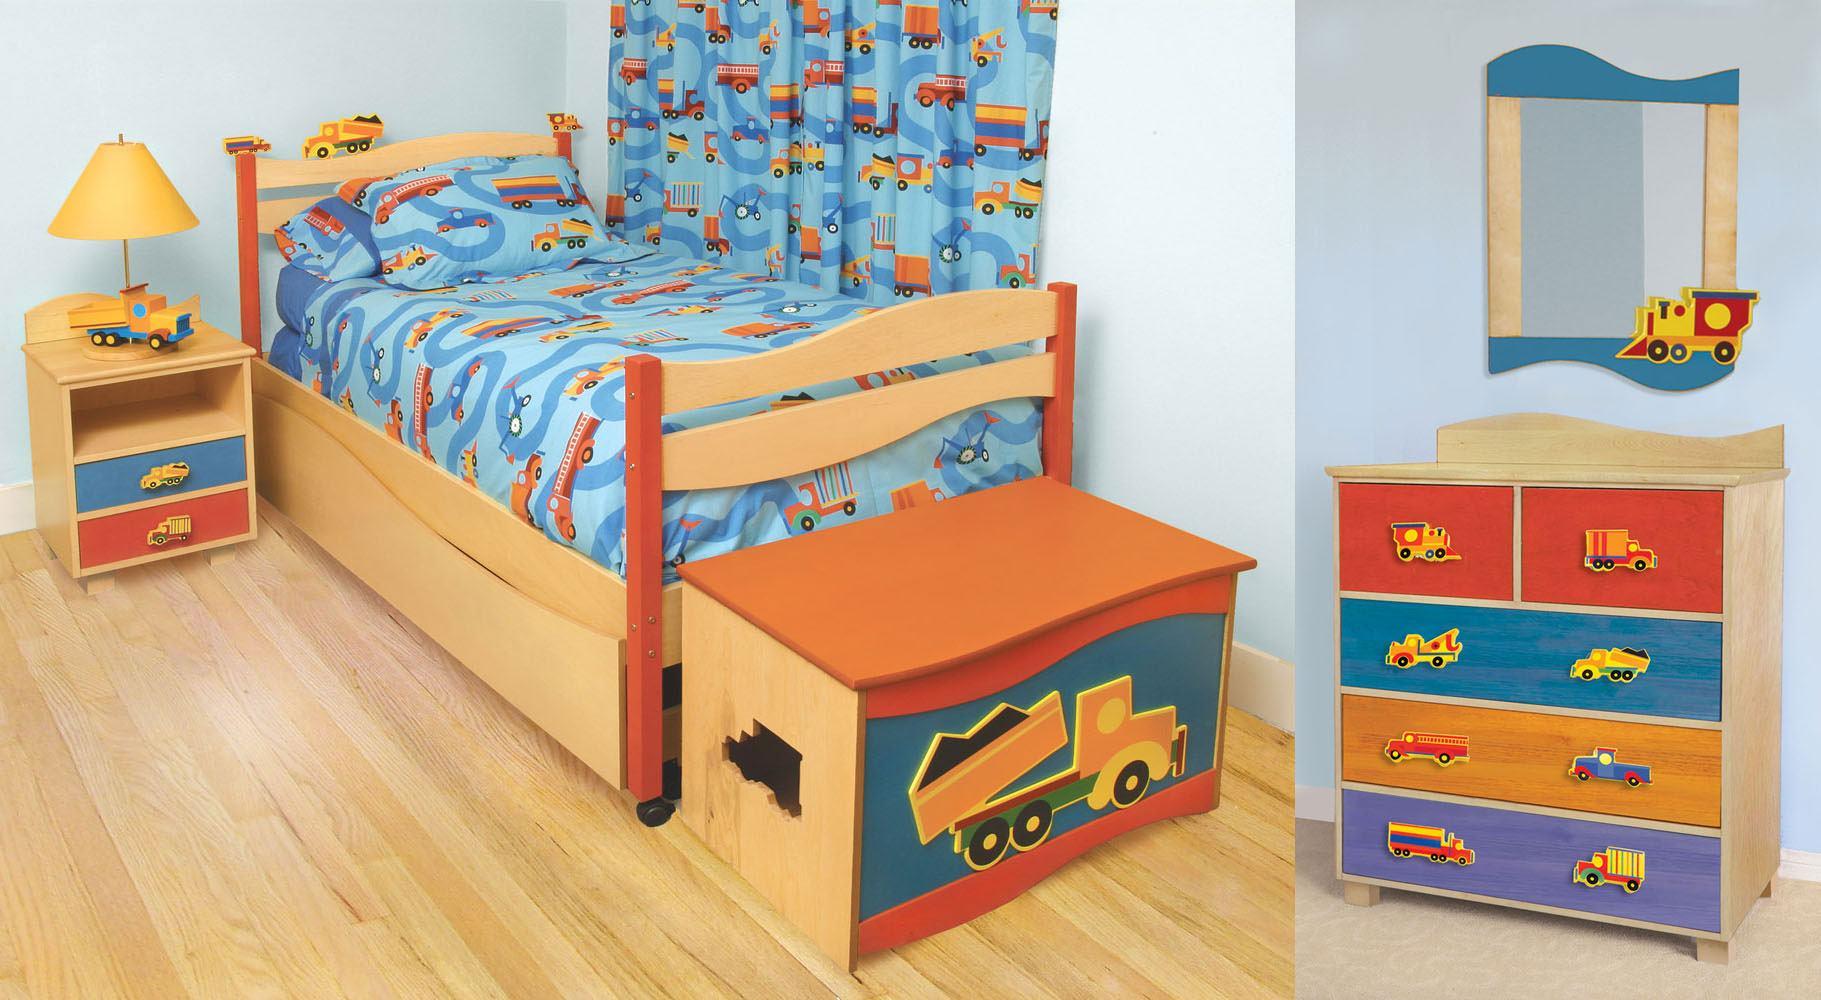 Bedroom clipart bedroom design. Minimalist